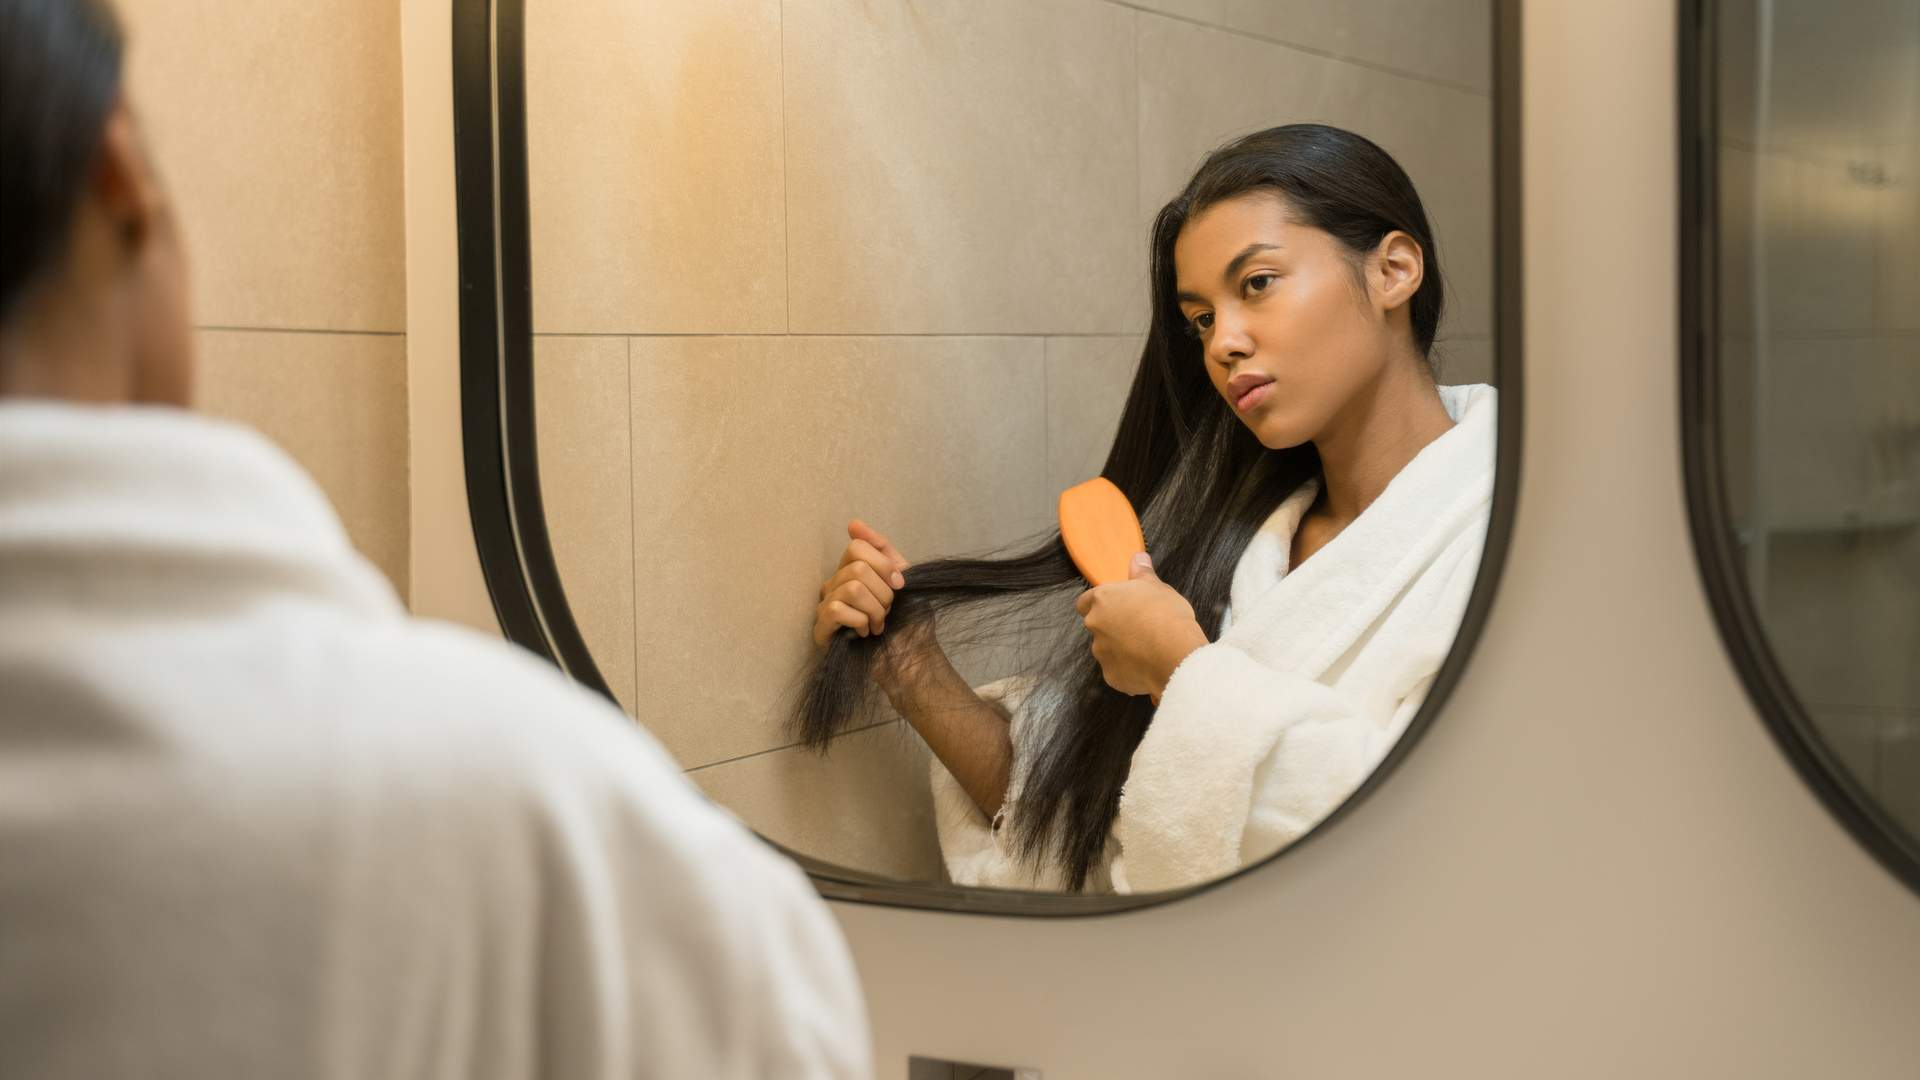 Mulher morena de cabelos lisos e pretos penteando os fios no espelho